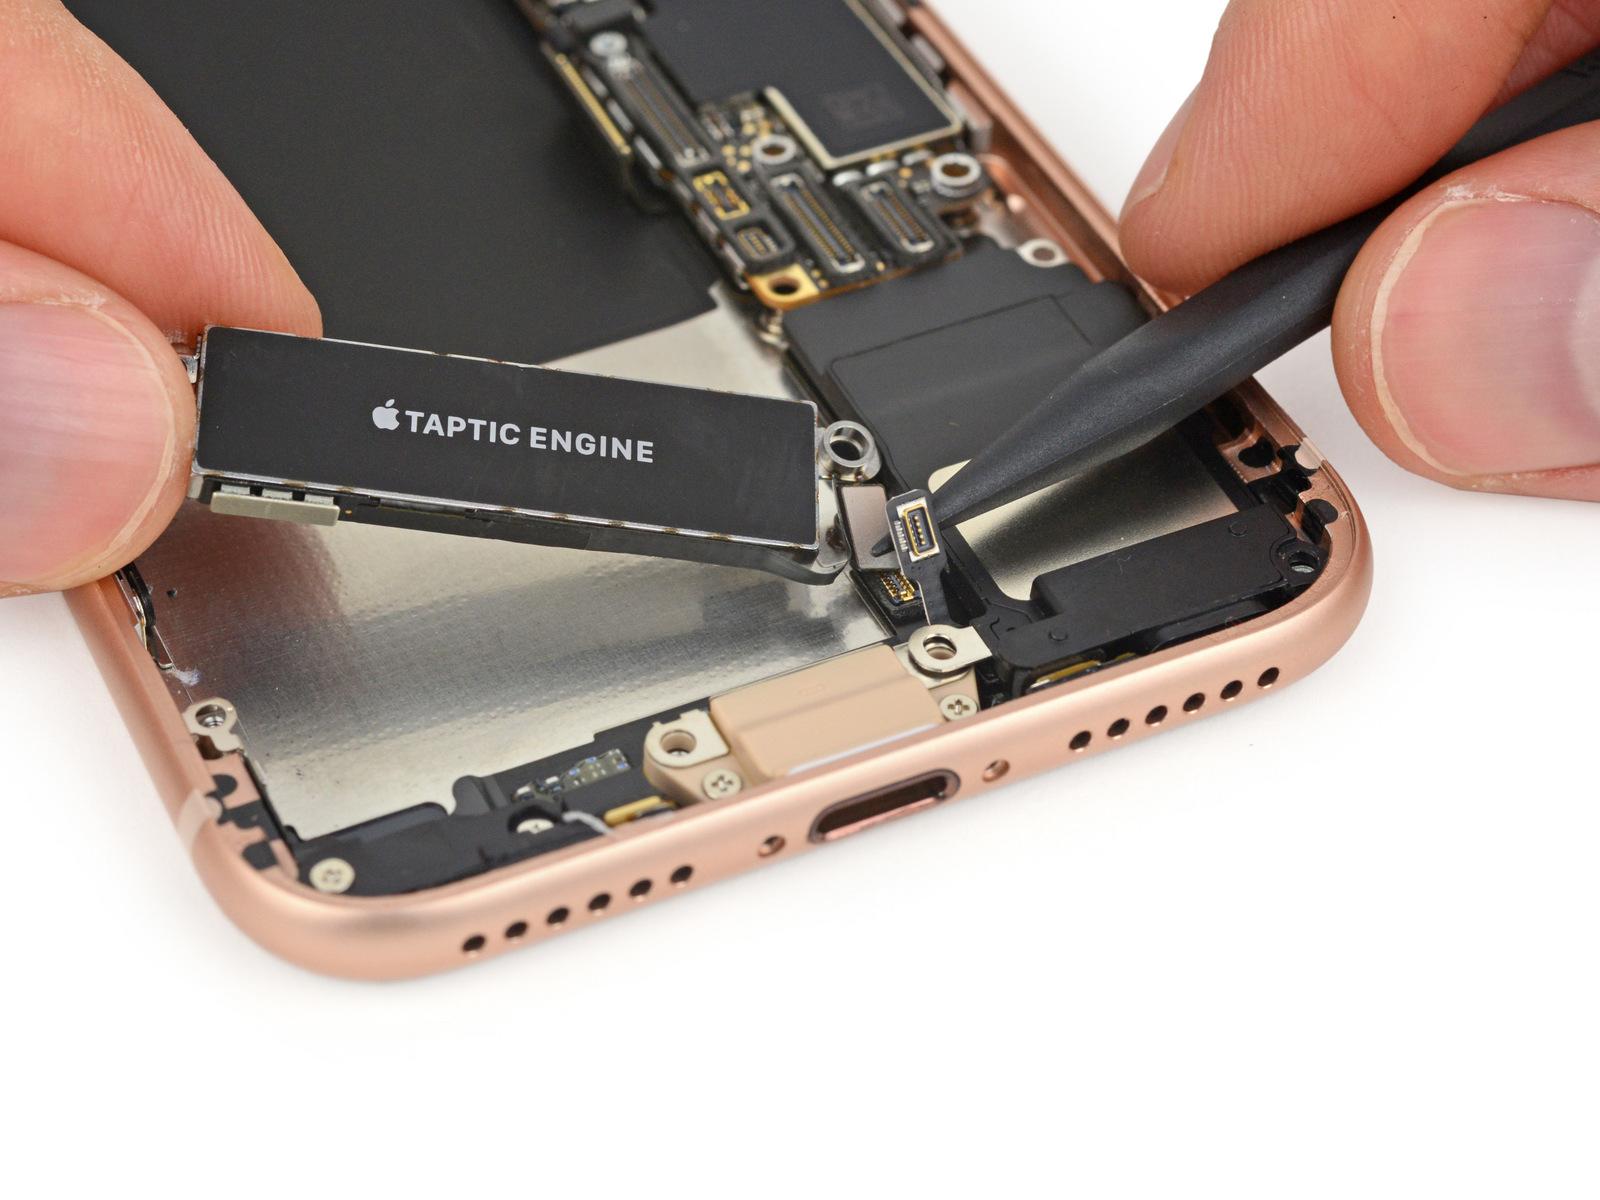 Vleeskleurige Lightning-poort in nieuwe iPhone 8